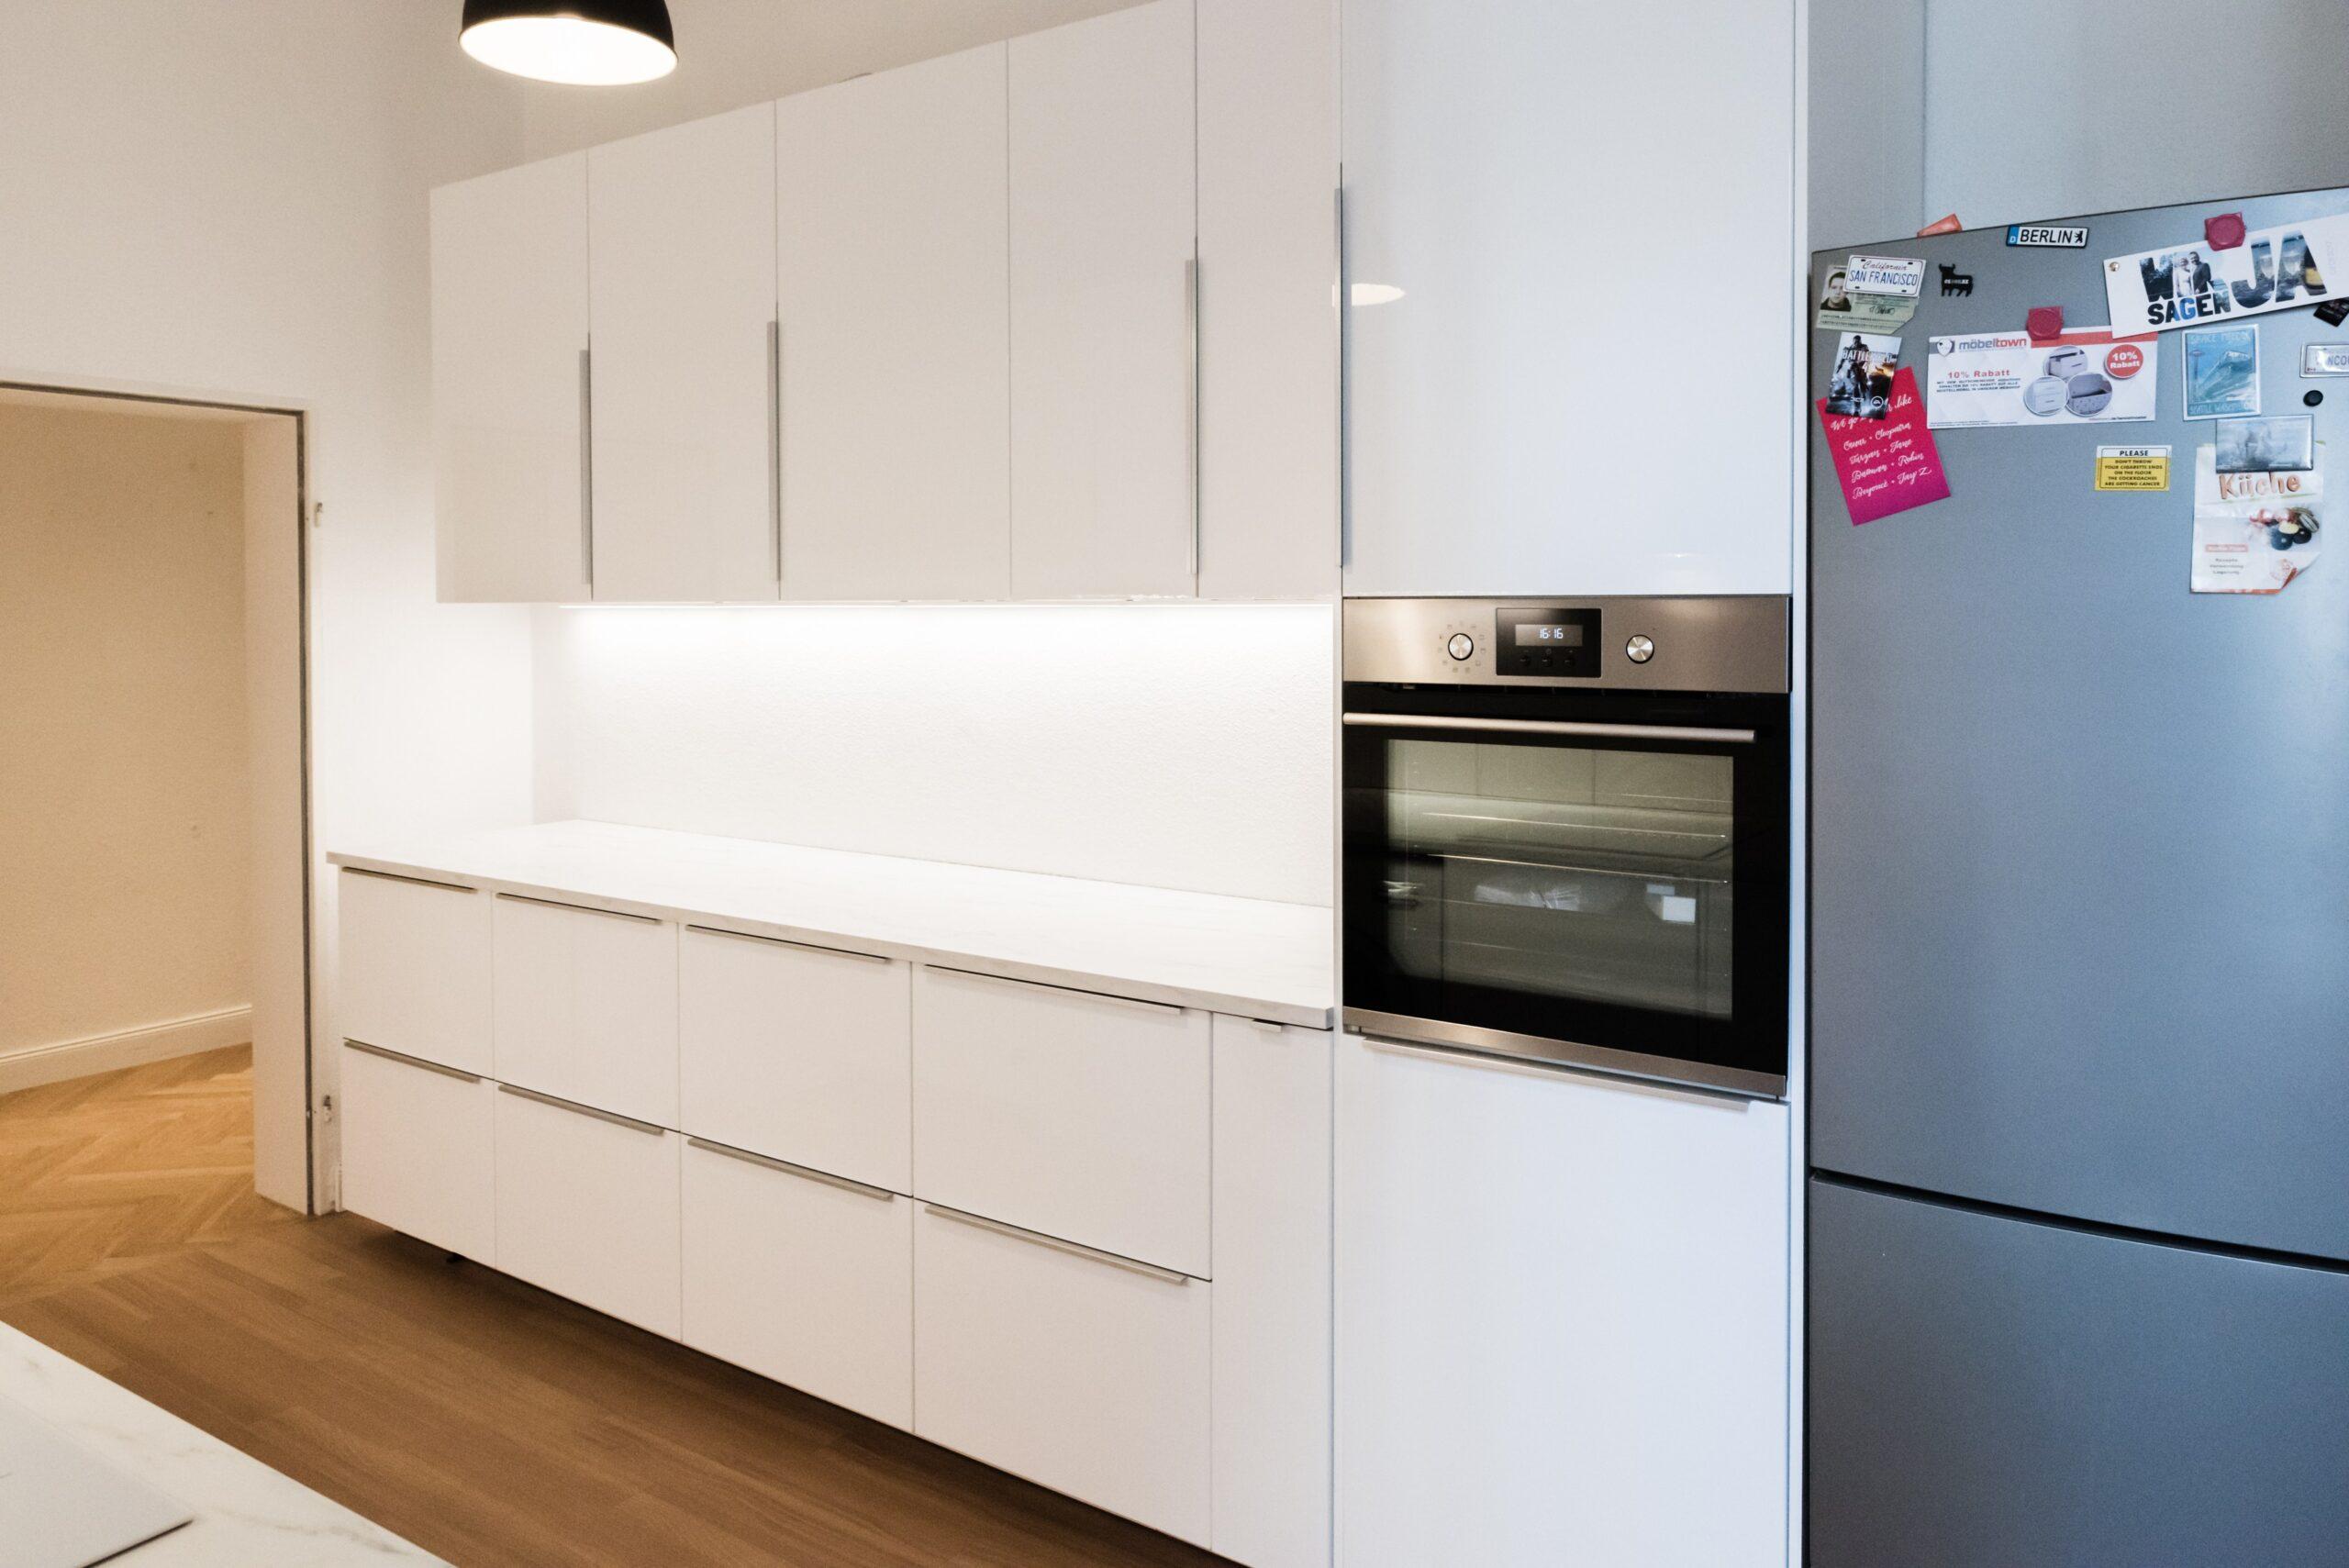 Full Size of Kchenkauf Ikea Metod Unsere Erfahrungen Lackomio Sofa Alternatives Küchen Regal Wohnzimmer Alternative Küchen